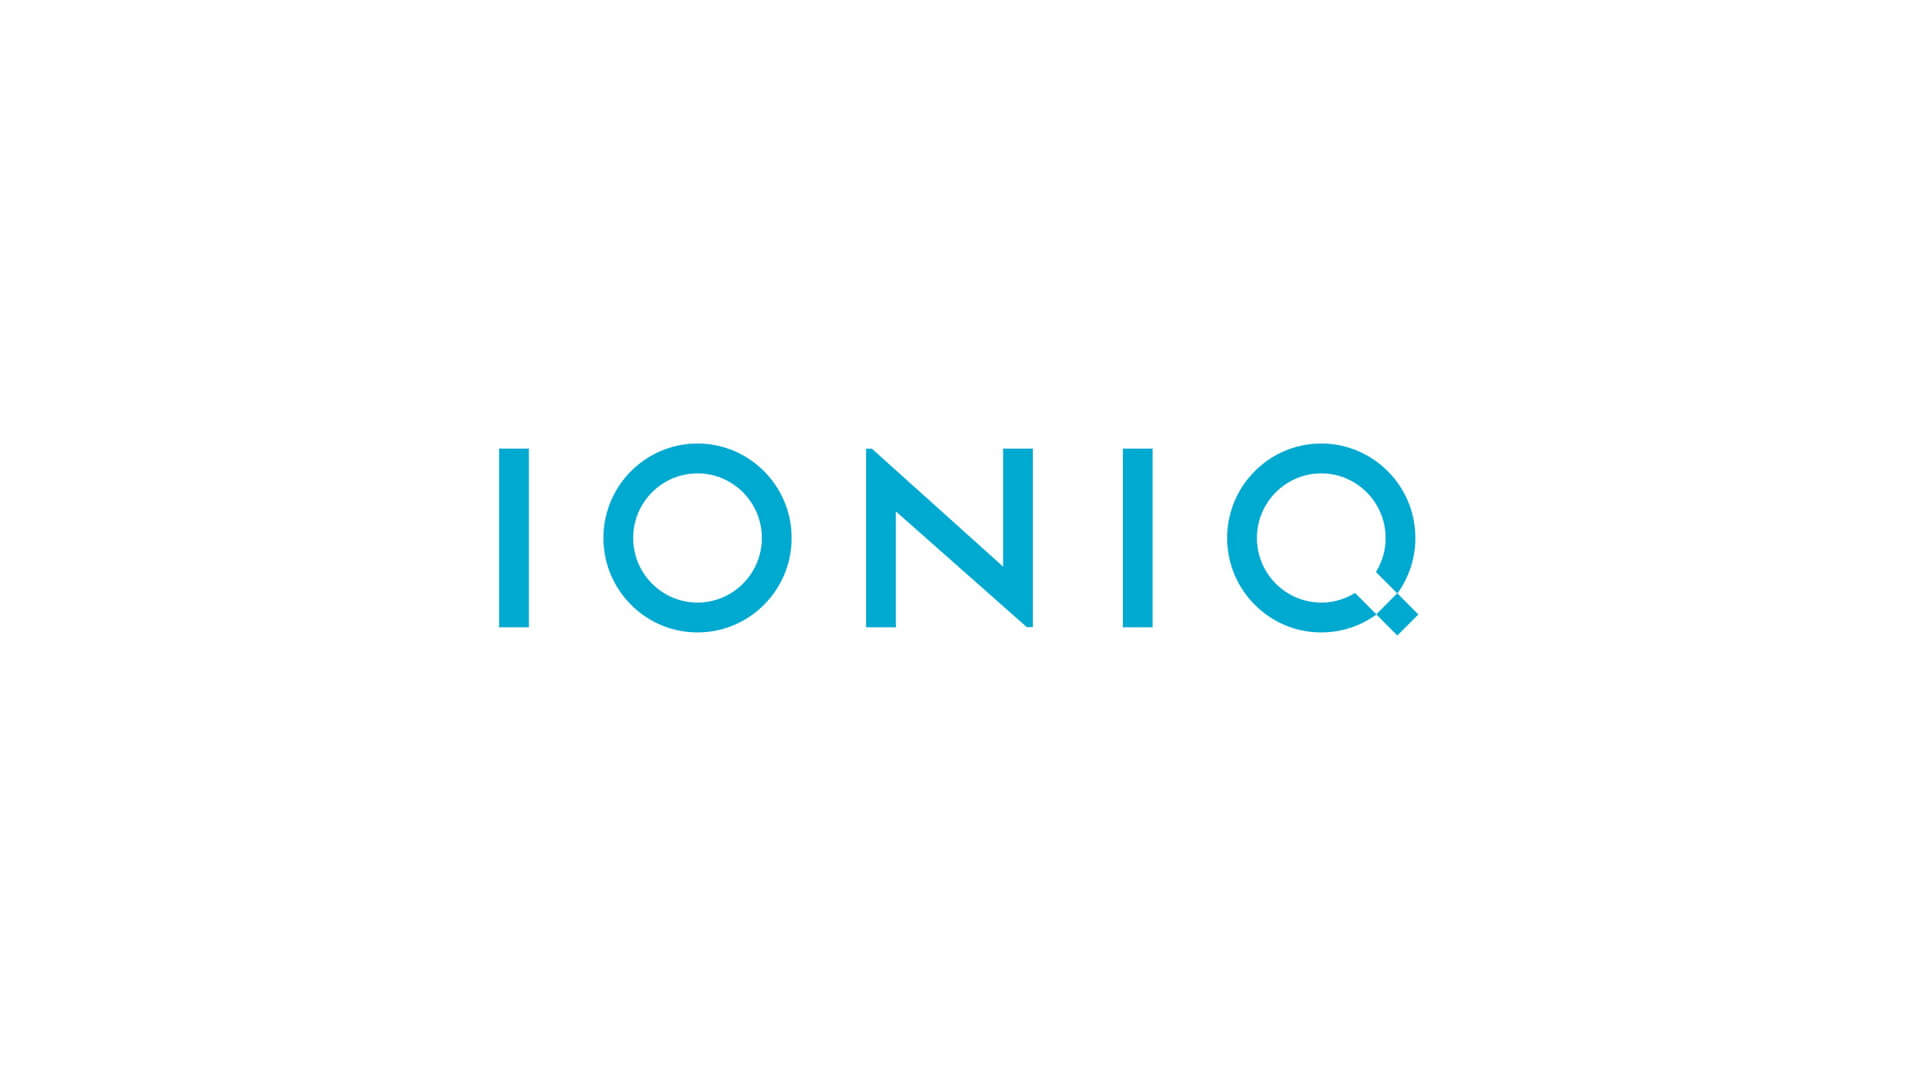 IONIQ стає новим брендом електромобілів Hyundai